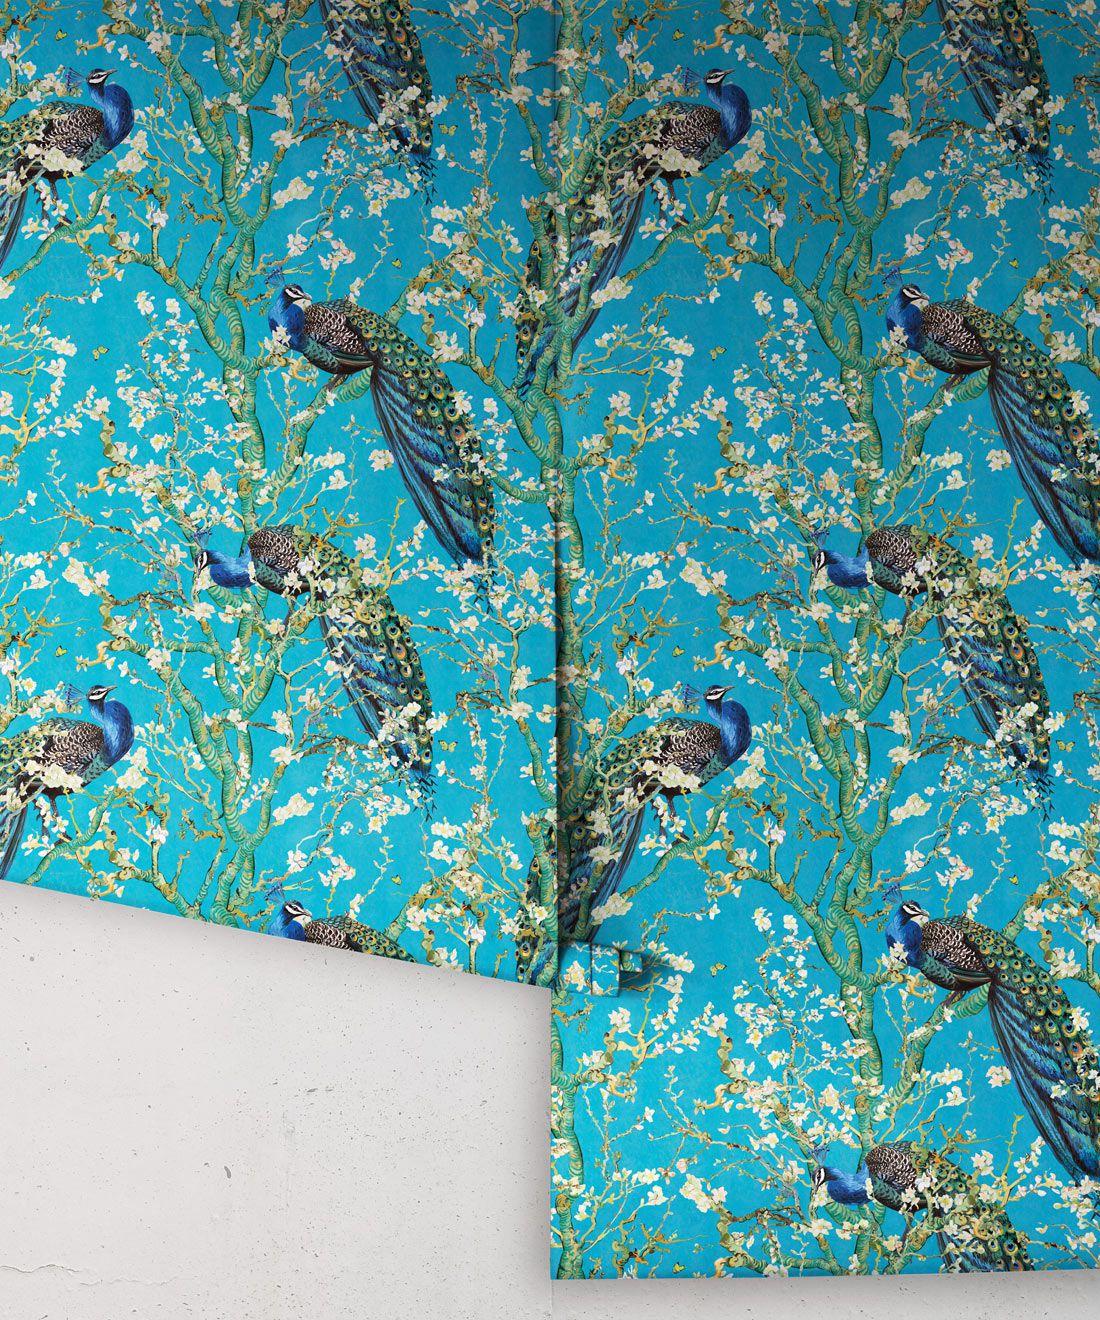 Almond Blossom Wallpaper • Chinoiserie Wallpaper • Wallpaper with Peacocks • Light Blue Duck Egg Wallpaper •Rolls